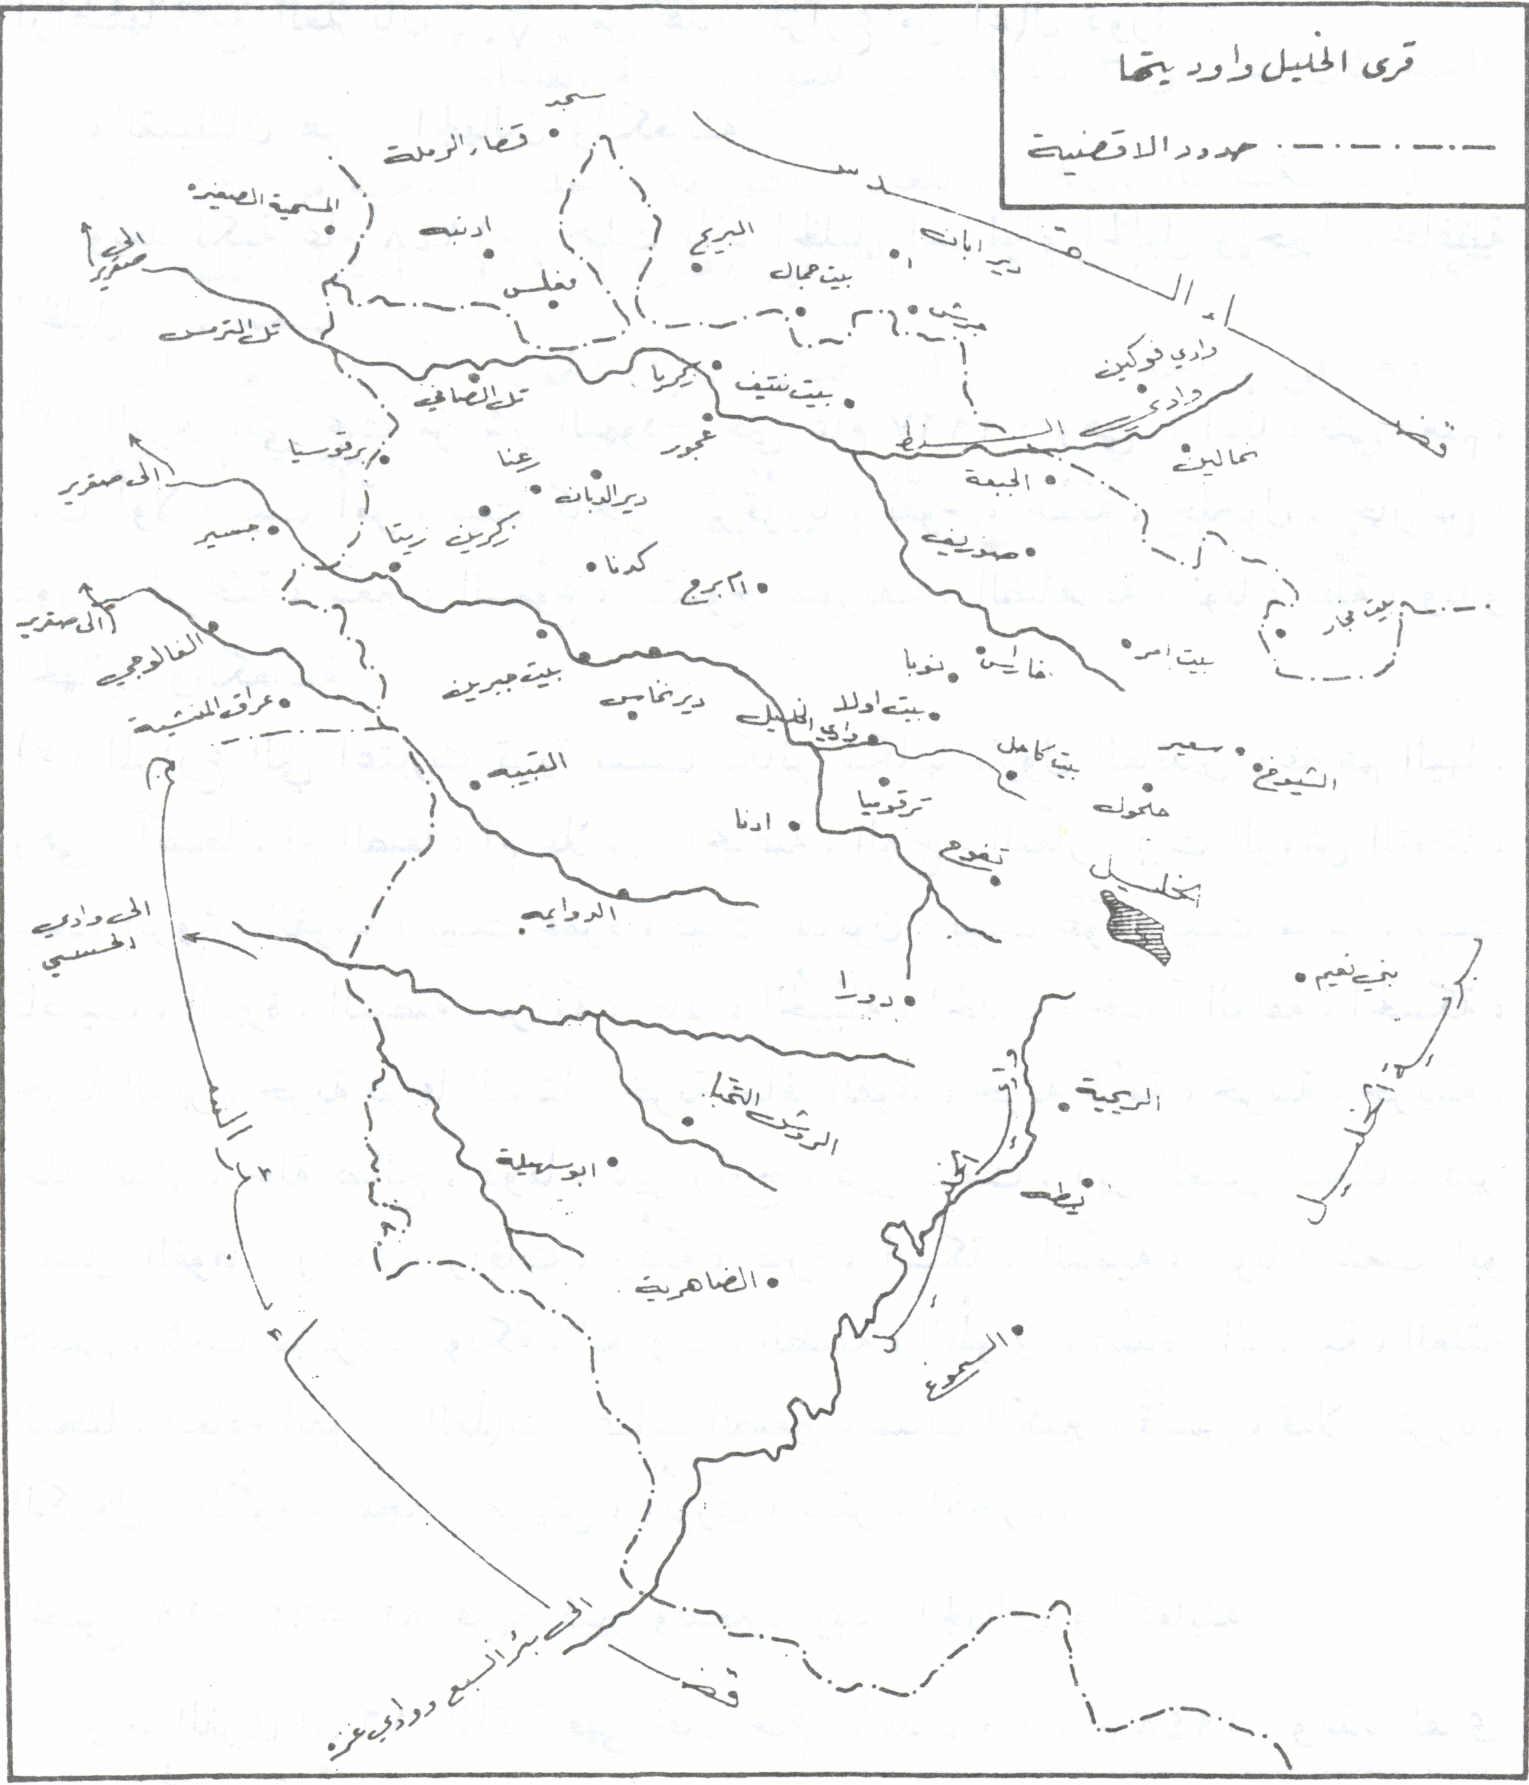 القرى الفلسطينه_مغلس